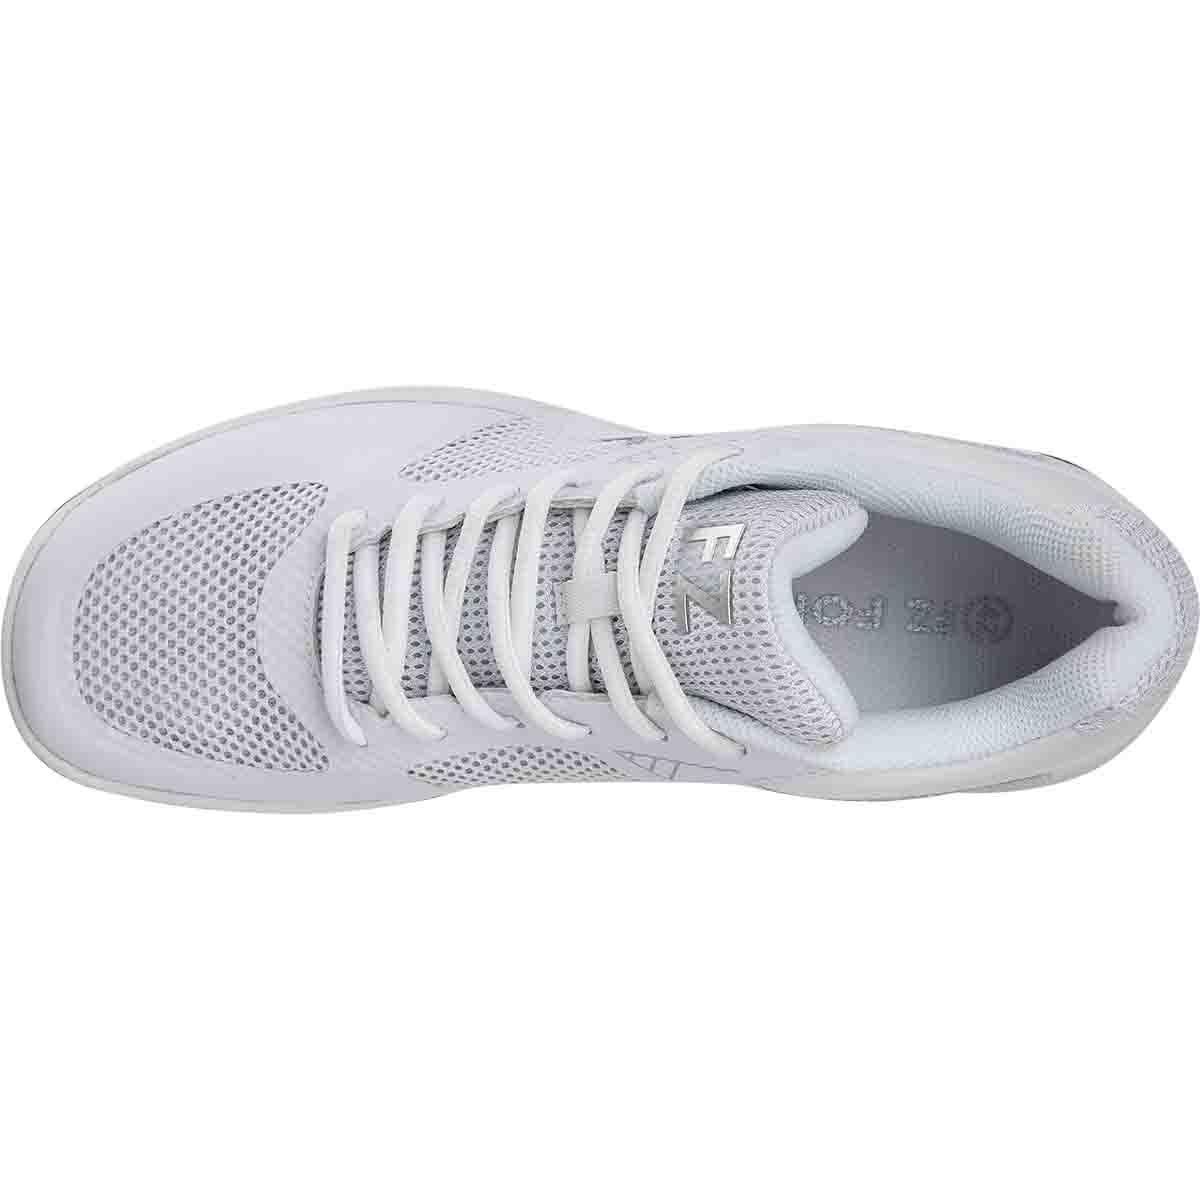 FZ Fierce V2 M - White